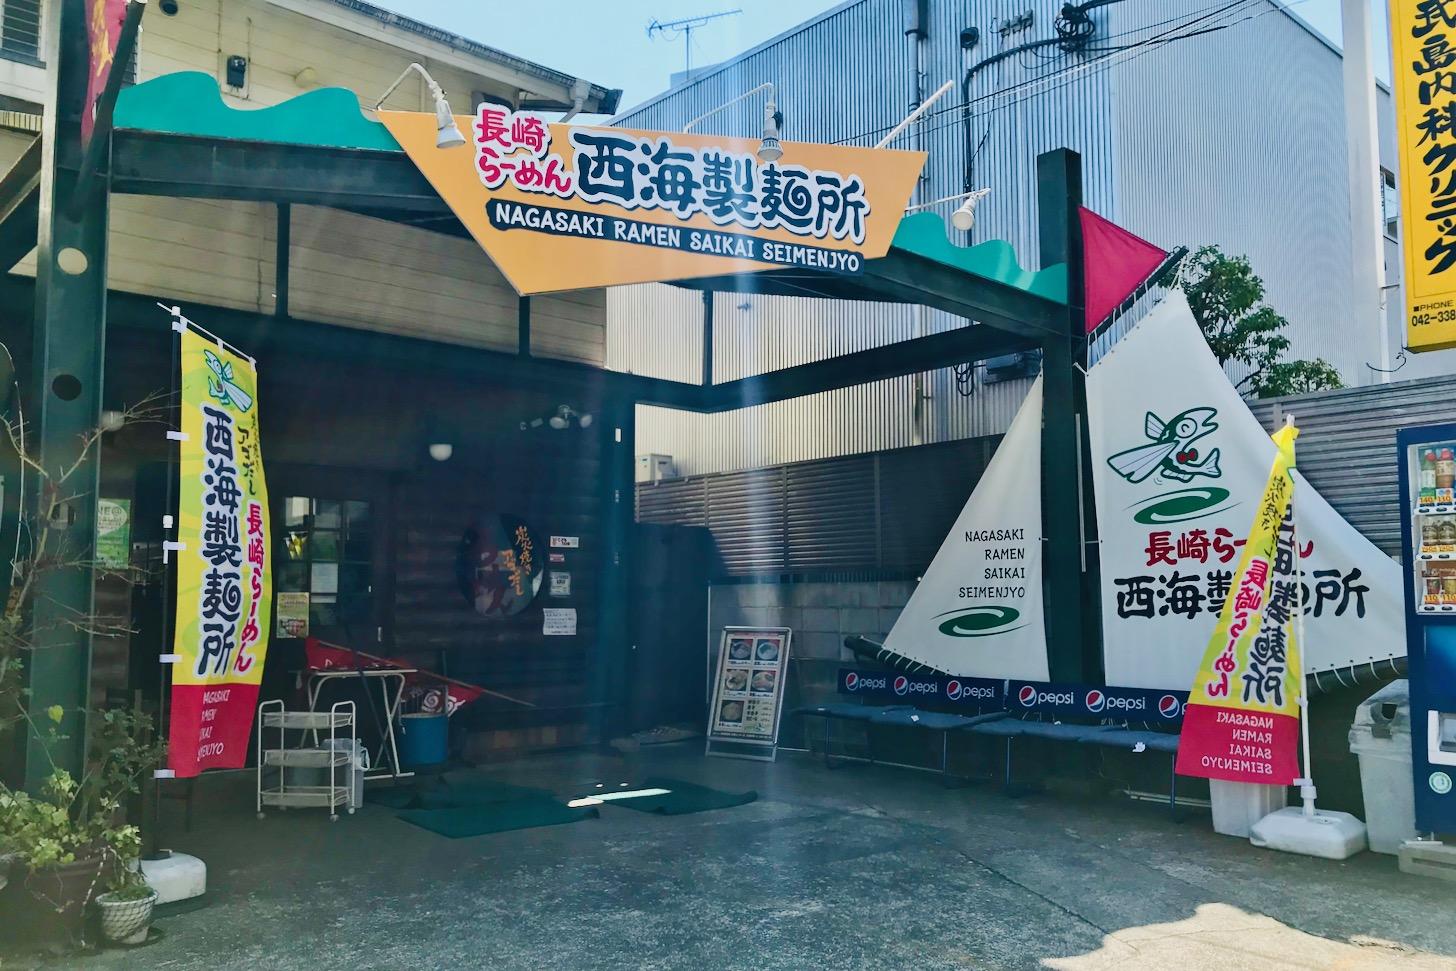 長崎らーめん西海製麺所 多摩センター店 外観